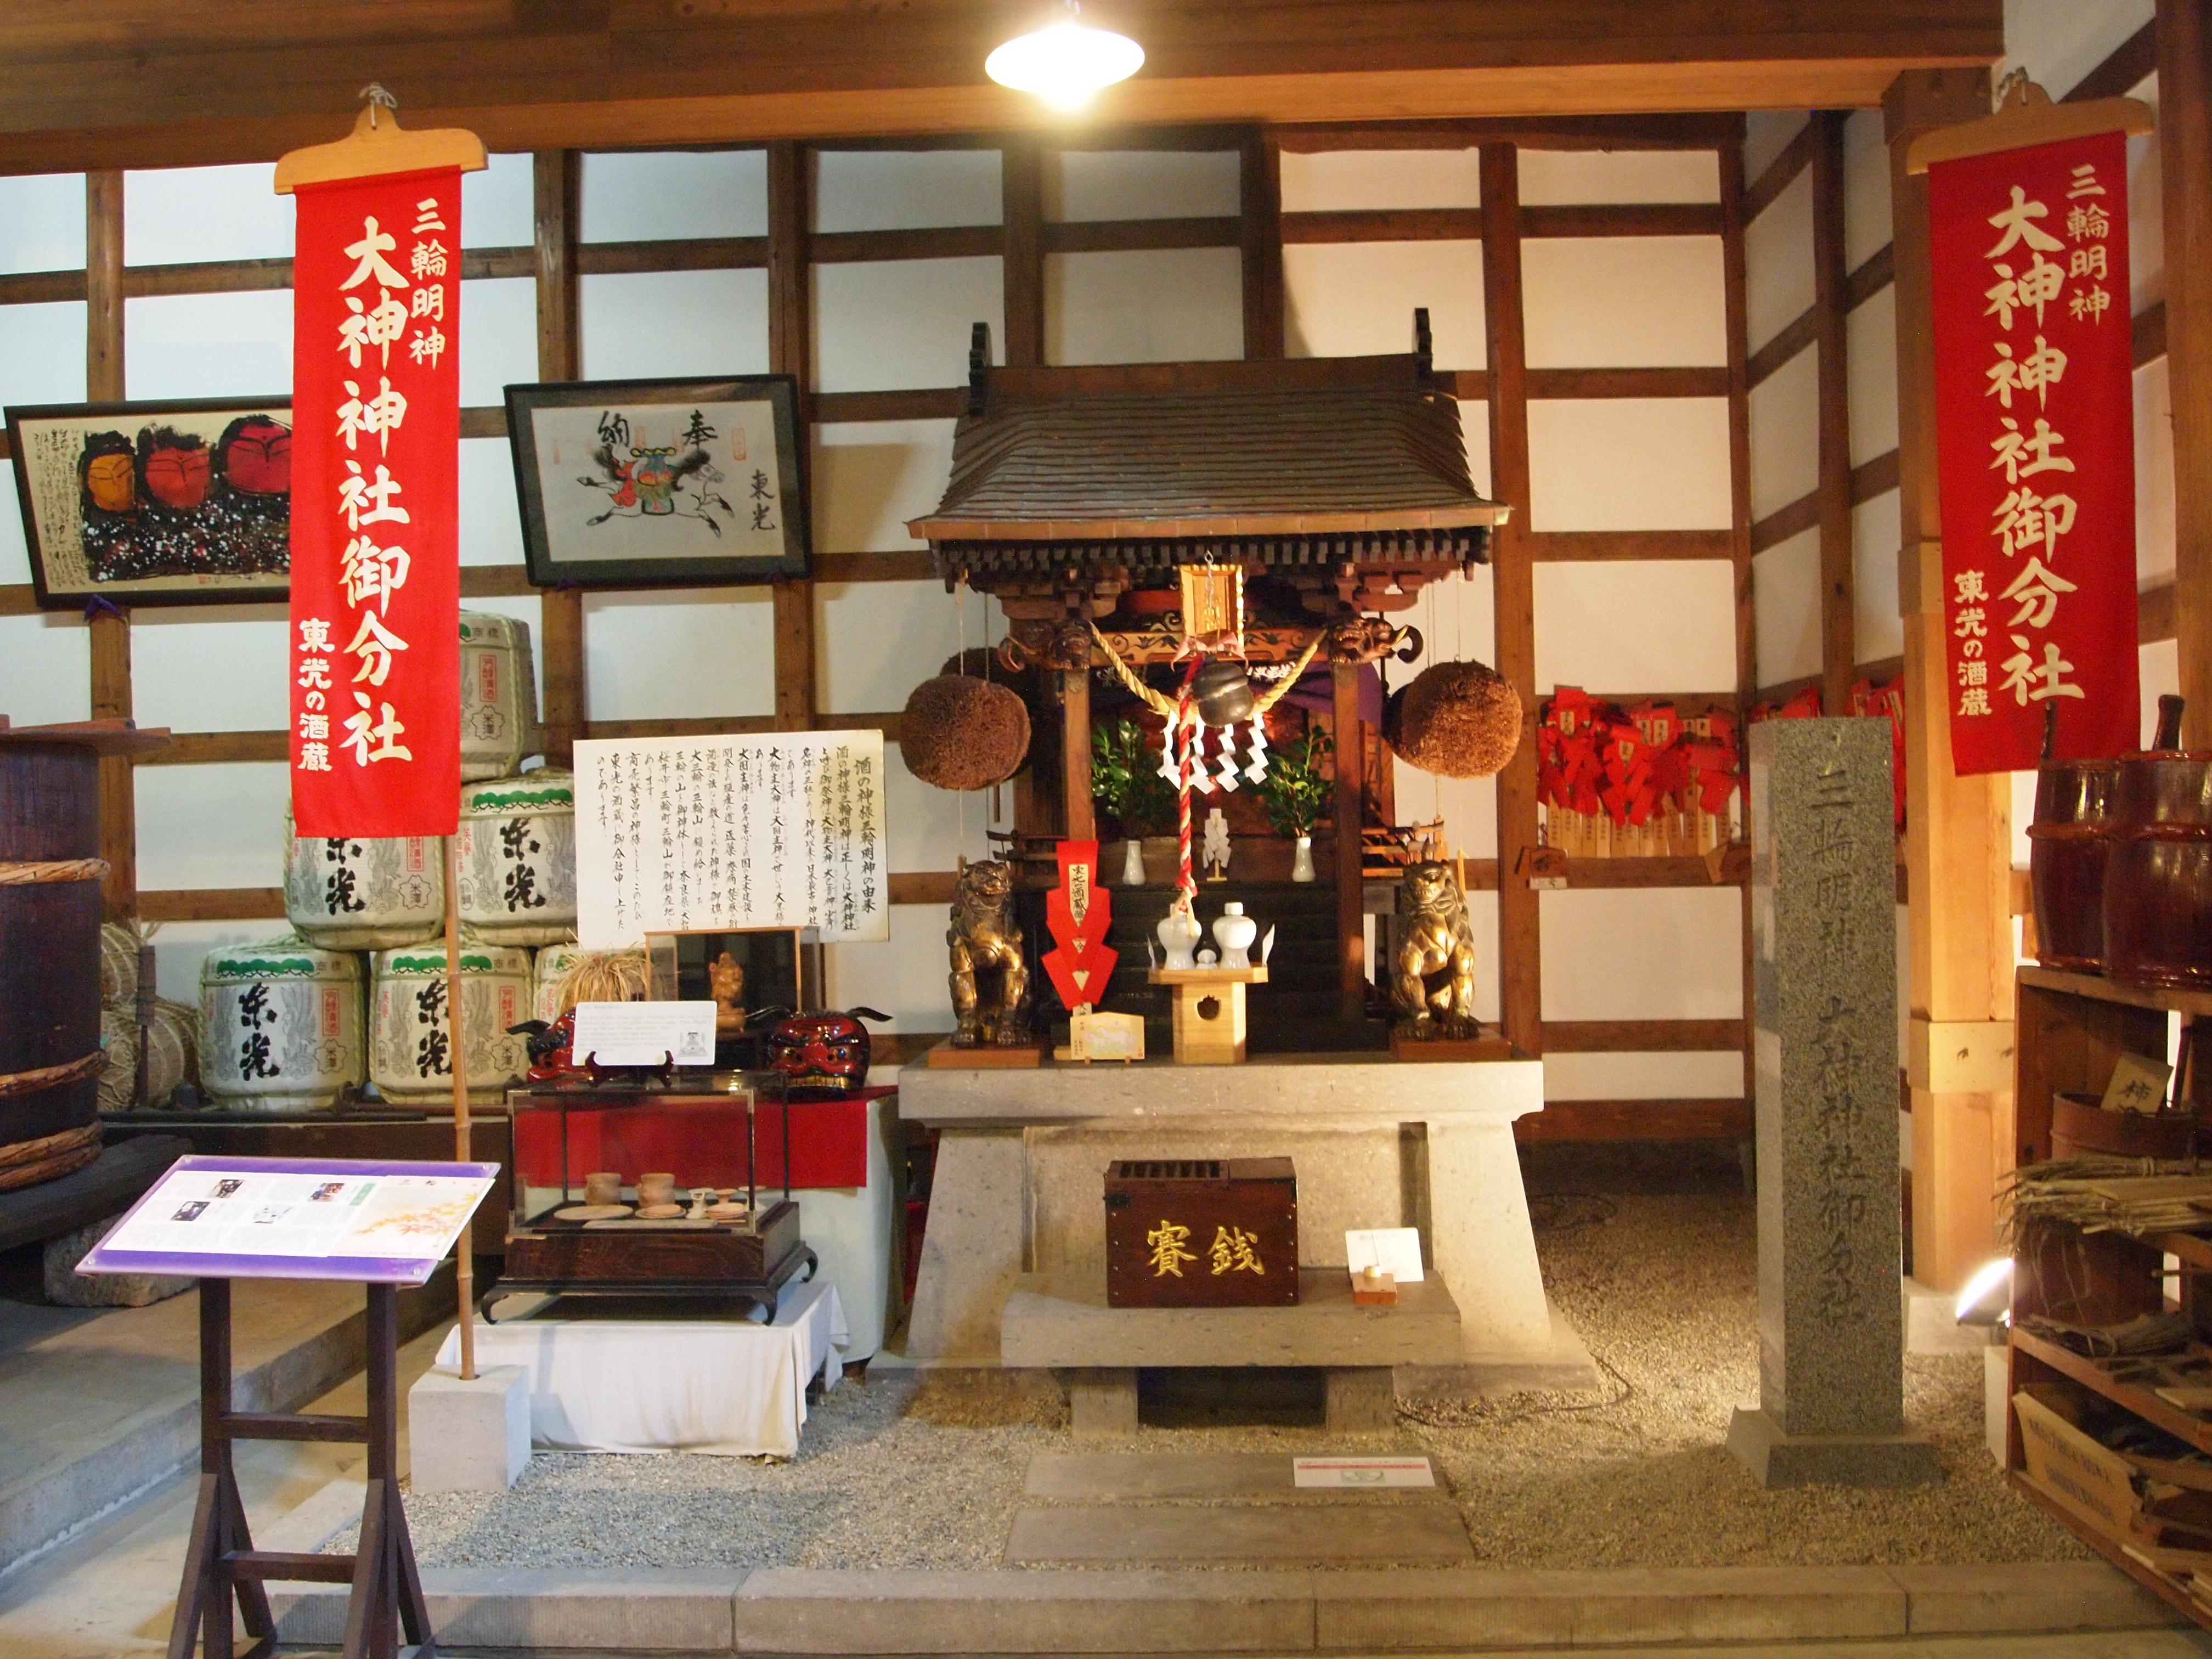 """在资料馆内的奈良县大神神社御分社,供奉着日本酒的守护神三轮明神,图中可看见日本酒蔵屋檐下都会掛着用杉树的枝叶紮成的球状物,日本人称之为杉玉(Sugitama),""""杉""""指的是象征酒神的杉树, """"玉"""" 在日文中指的是球或圆状的东西,是日本自古以来酒蔵的标记,当新酒好的时候,造酒人家会把新绿的杉玉掛出来,让大家知道新酒已经酿好了,等到杉玉逐渐枯干变成褐色时,就表示酒已经熟成,大家可以来买酒了!"""